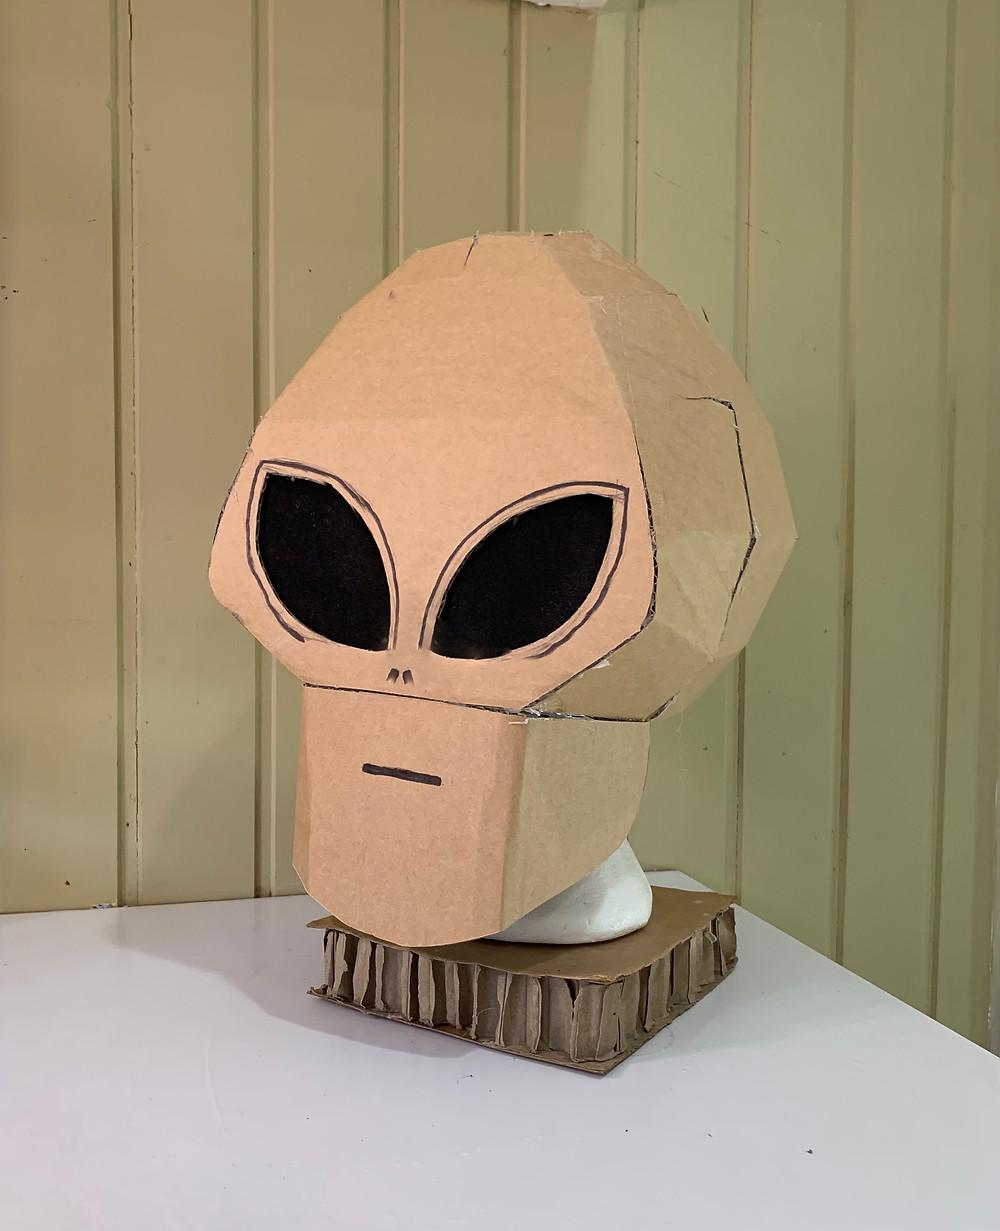 Cardboard alien mask costume for halloween or fancy dress